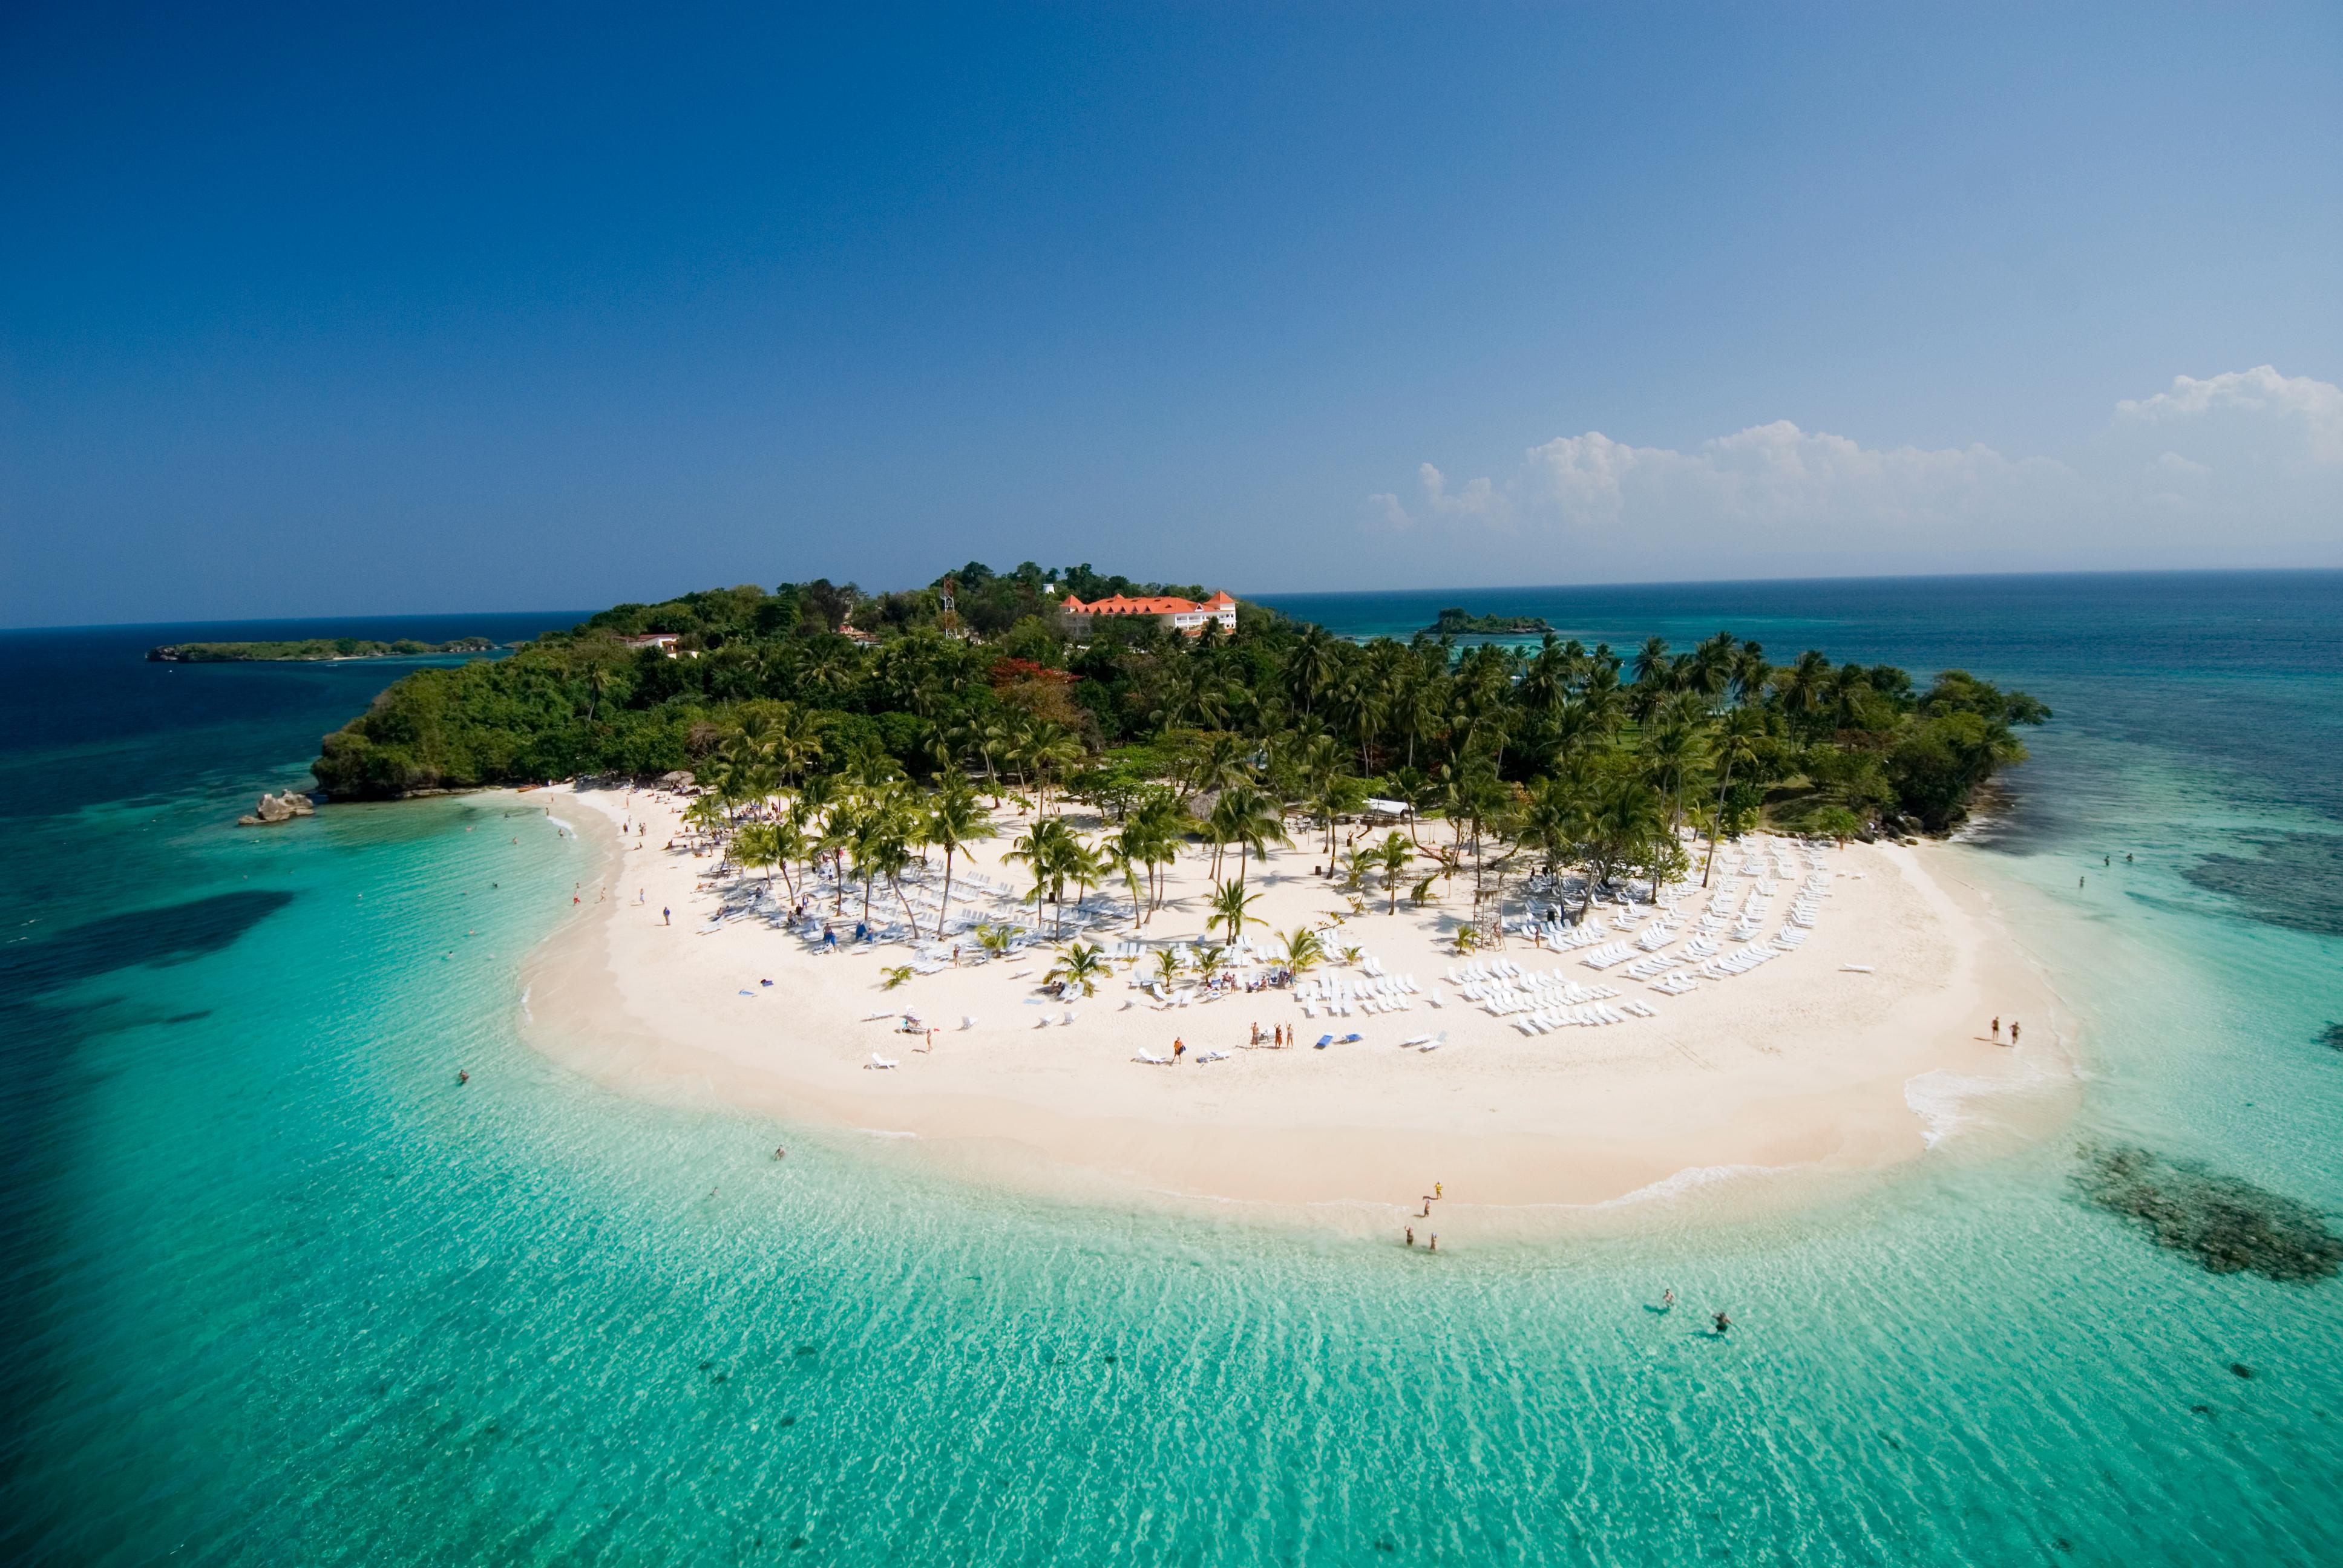 República Dominicana actualiza su oferta turística